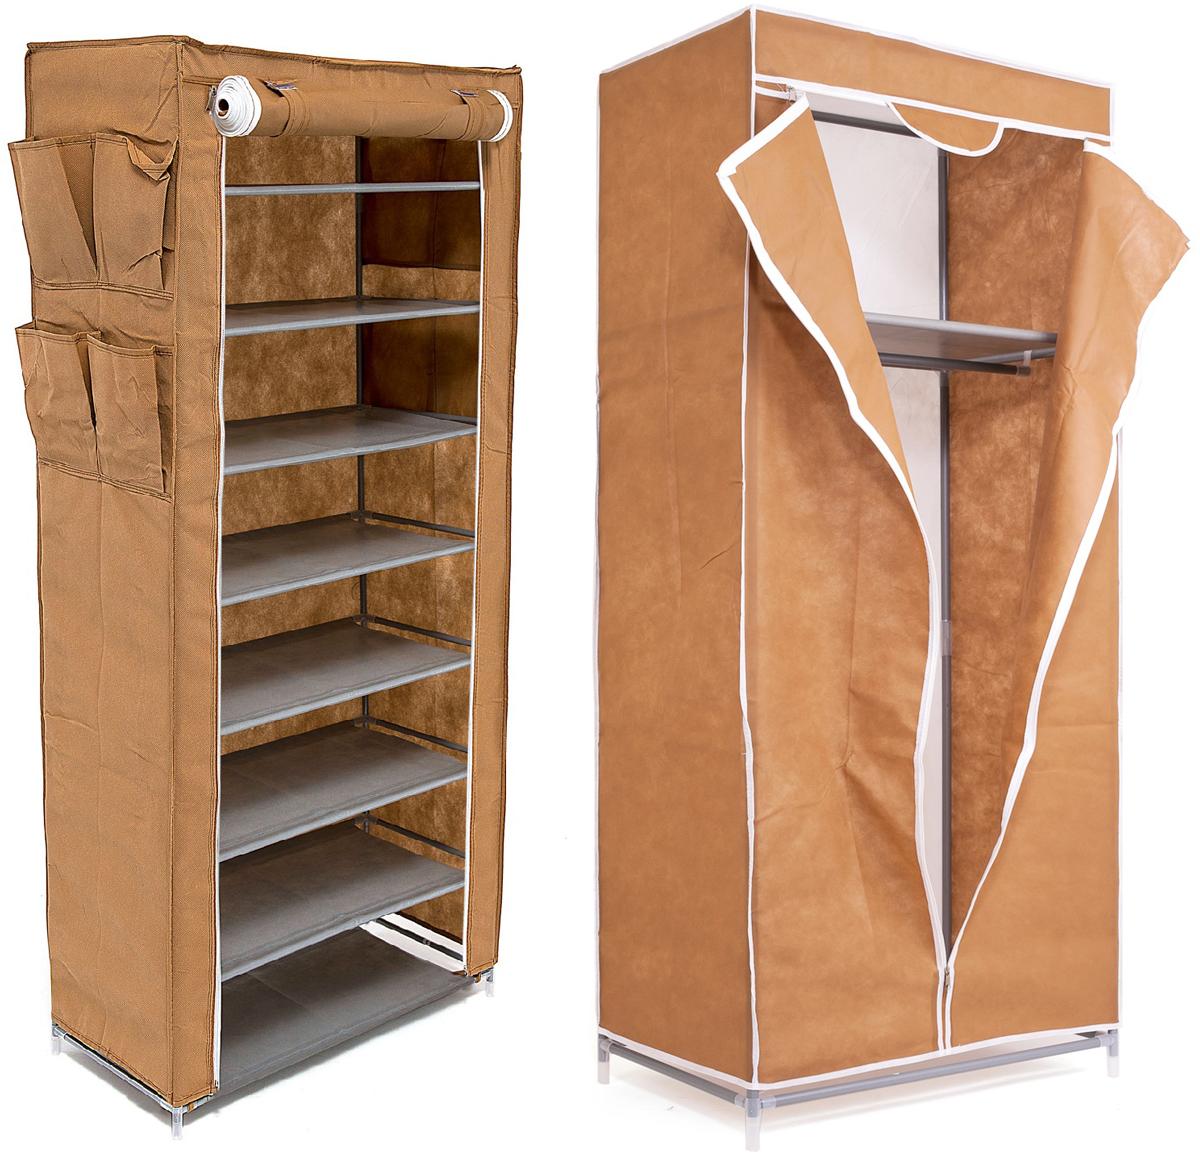 Набор кофров для хранения Homsu, цвет: коричневый, 2 предмета19201Уникальный дизайн этого комплекта станет настоящим украшением для любого интерьера. Практичная составляющая подобной мебели также вне сомнений. Лёгкие и прочные устойчивые конструкции из каркасов и тканевой обивки могут быть легко собраны вами без посторонней помощи, буквально за несколько минут. Такая мебель будет всегда удобной и максимально практичной, ведь верхнюю тканевую часть при надобности можно всегда постирать либо же попросту поменять на аналогичную другого цвета. Кроме того, такие конструкции всегда будут отличным решением для того, кому по душе мобильность и постоянная смена обстановки. 680х450х1550; 600х300х1360